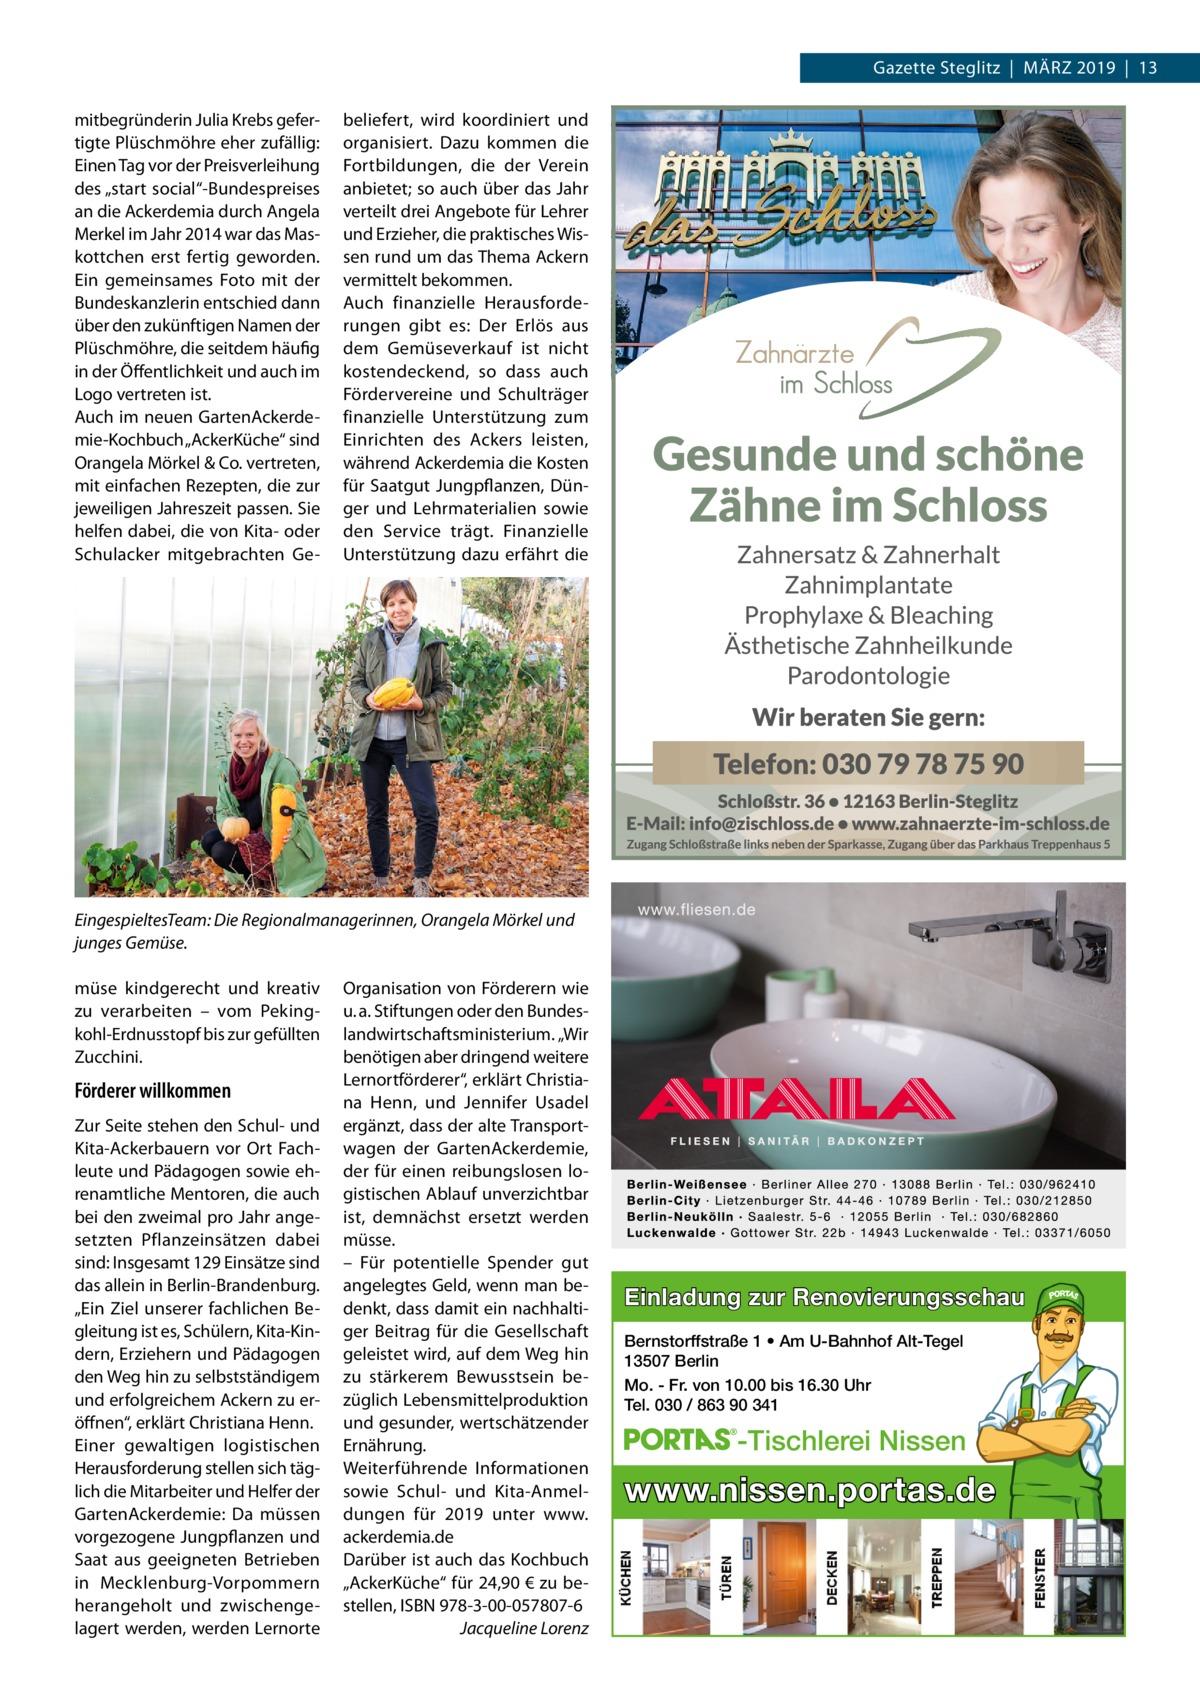 """Gazette Steglitz März 2019 13 mitbegründerin Julia Krebs gefertigte Plüschmöhre eher zufällig: Einen Tag vor der Preisverleihung des """"start social""""-Bundespreises an die Ackerdemia durch Angela Merkel im Jahr 2014 war das Maskottchen erst fertig geworden. Ein gemeinsames Foto mit der Bundeskanzlerin entschied dann über den zukünftigen Namen der Plüschmöhre, die seitdem häufig in der Öffentlichkeit und auch im Logo vertreten ist. Auch im neuen GartenAckerdemie-Kochbuch """"AckerKüche"""" sind Orangela Mörkel & Co. vertreten, mit einfachen Rezepten, die zur jeweiligen Jahreszeit passen. Sie helfen dabei, die von Kita- oder Schulacker mitgebrachten Ge beliefert, wird koordiniert und organisiert. Dazu kommen die Fortbildungen, die der Verein anbietet; so auch über das Jahr verteilt drei Angebote für Lehrer und Erzieher, die praktisches Wissen rund um das Thema Ackern vermittelt bekommen. Auch finanzielle Herausforderungen gibt es: Der Erlös aus dem Gemüseverkauf ist nicht kostendeckend, so dass auch Fördervereine und Schulträger finanzielle Unterstützung zum Einrichten des Ackers leisten, während Ackerdemia die Kosten für Saatgut Jungpflanzen, Dünger und Lehrmaterialien sowie den Service trägt. Finanzielle Unterstützung dazu erfährt die  EingespieltesTeam: Die Regionalmanagerinnen, Orangela Mörkel und junges Gemüse. müse kindgerecht und kreativ zu verarbeiten – vom Pekingkohl-Erdnusstopf bis zur gefüllten Zucchini.  Förderer willkommen Zur Seite stehen den Schul- und Kita-Ackerbauern vor Ort Fachleute und Pädagogen sowie ehrenamtliche Mentoren, die auch bei den zweimal pro Jahr angesetzten Pflanzeinsätzen dabei sind: Insgesamt 129 Einsätze sind das allein in Berlin-Brandenburg. """"Ein Ziel unserer fachlichen Begleitung ist es, Schülern, Kita-Kindern, Erziehern und Pädagogen den Weg hin zu selbstständigem und erfolgreichem Ackern zu eröffnen"""", erklärt Christiana Henn. Einer gewaltigen logistischen Herausforderung stellen sich täglich die Mitarbeiter und Helfer der GartenAckerdemi"""